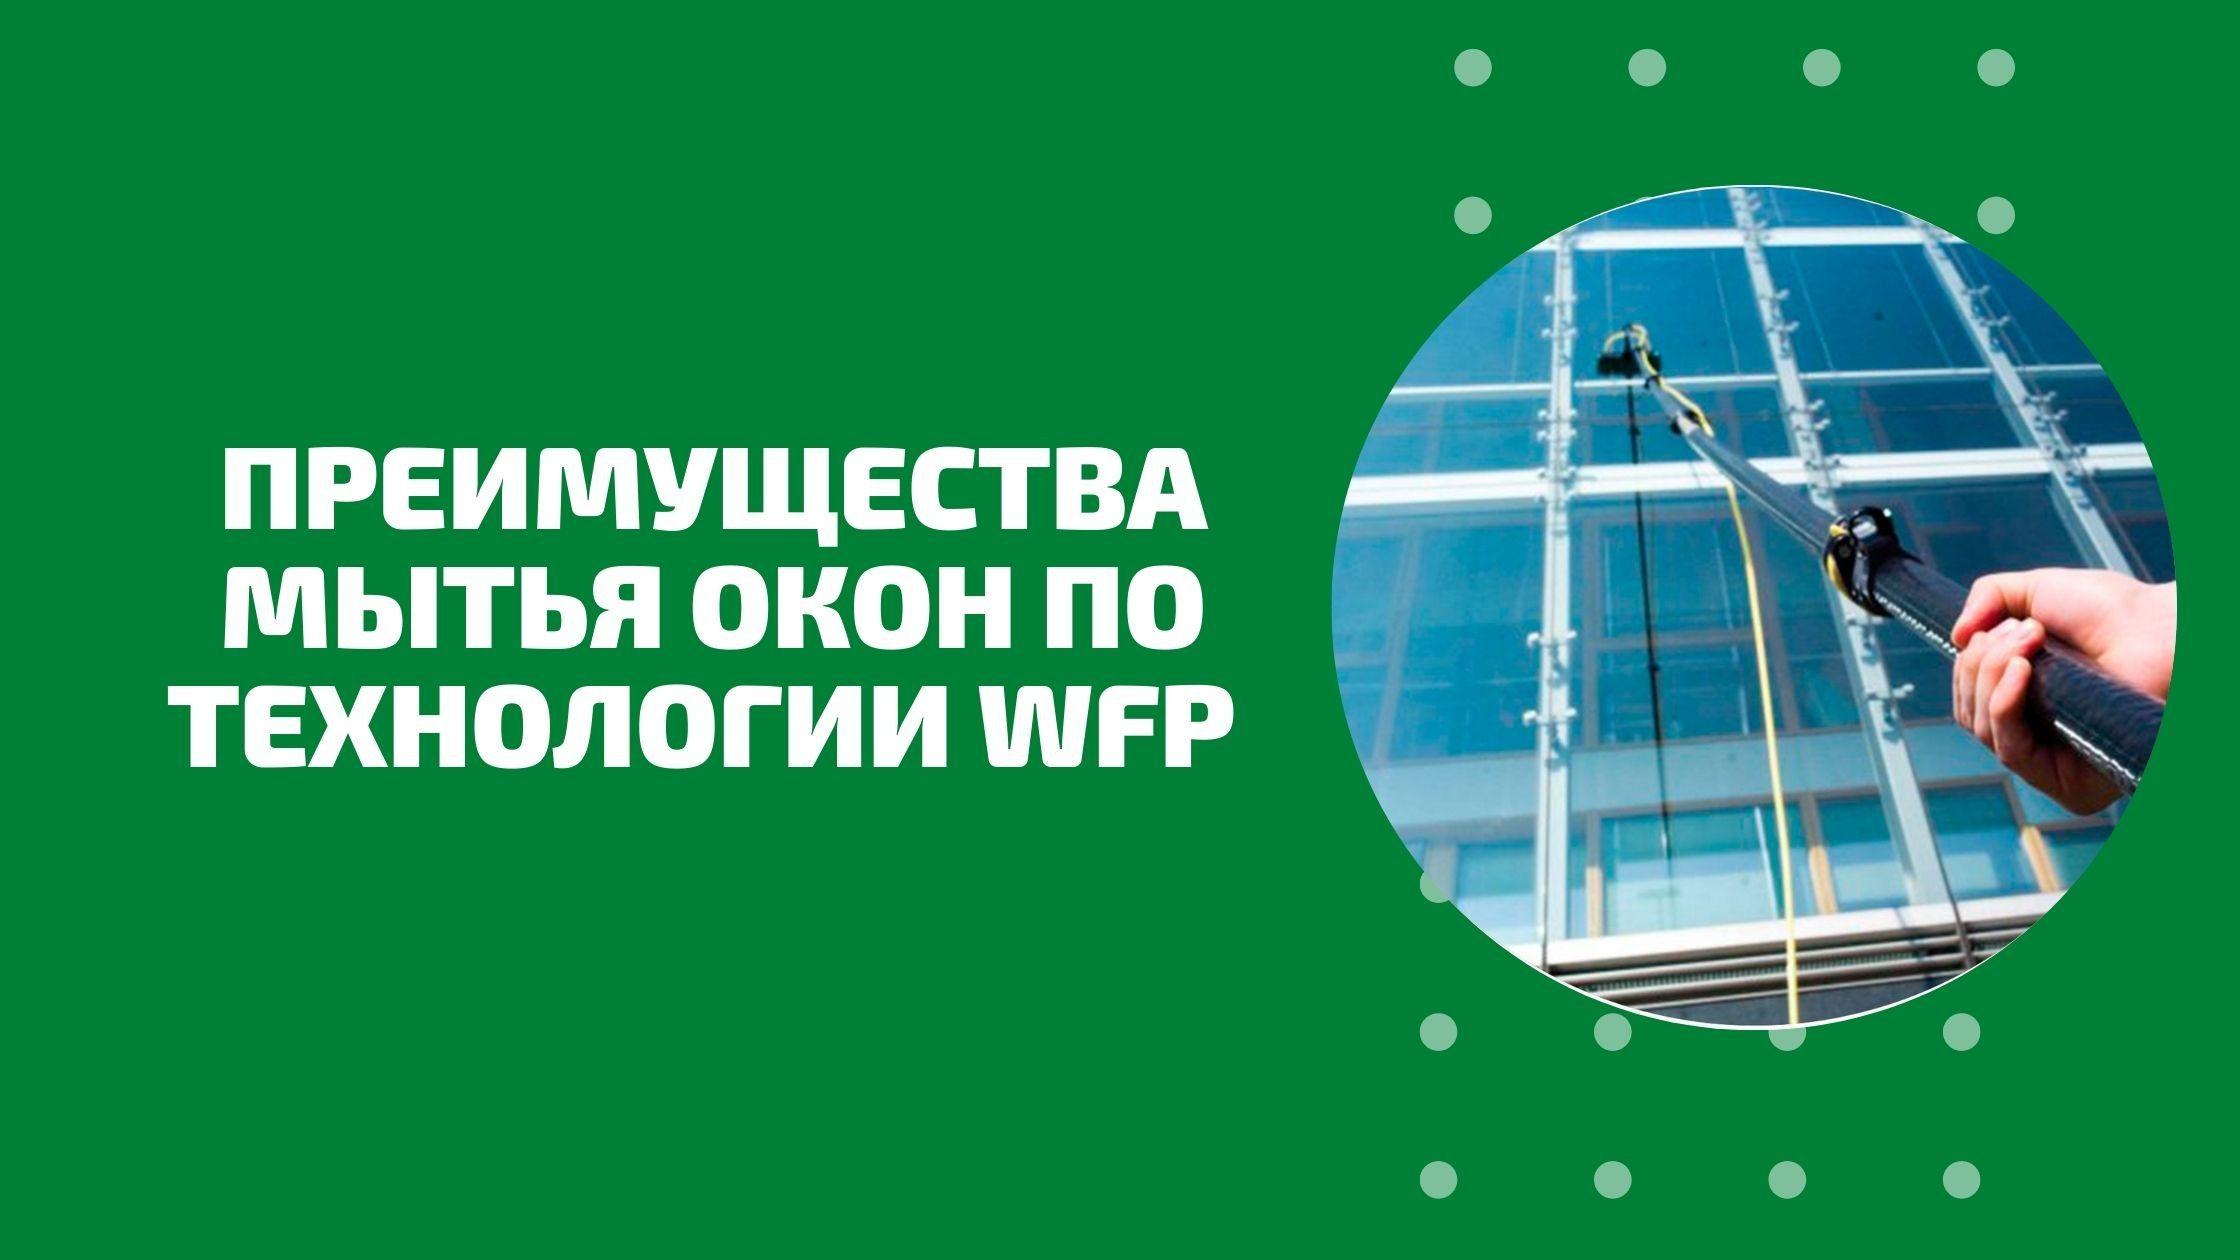 Преимущества мытья окон по технологии WFP